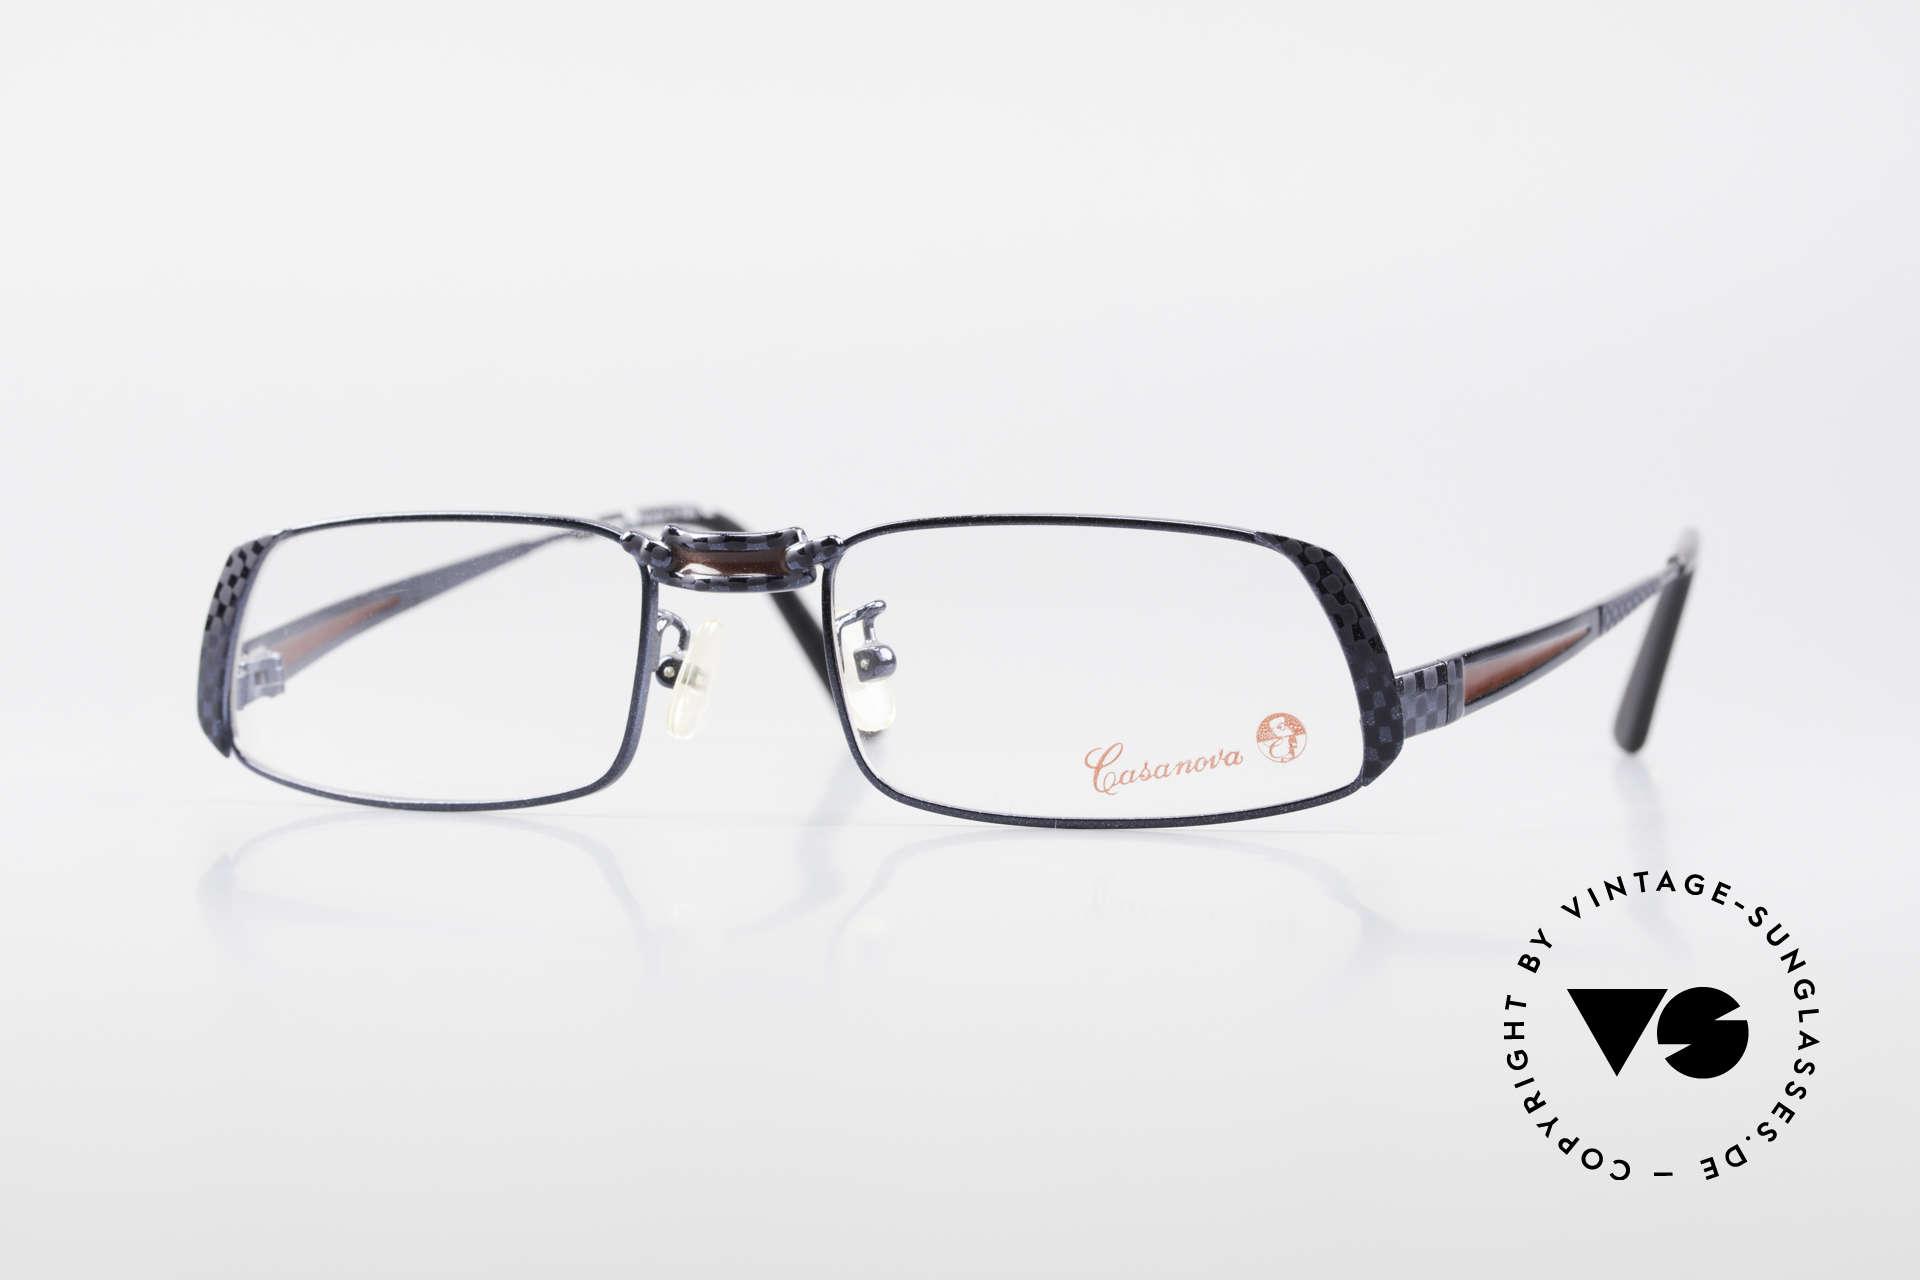 Casanova LC70 Alte Vintage Designer Brille, auffällige Casanova Brillenfassung der frühen 1990er, Passend für Herren und Damen